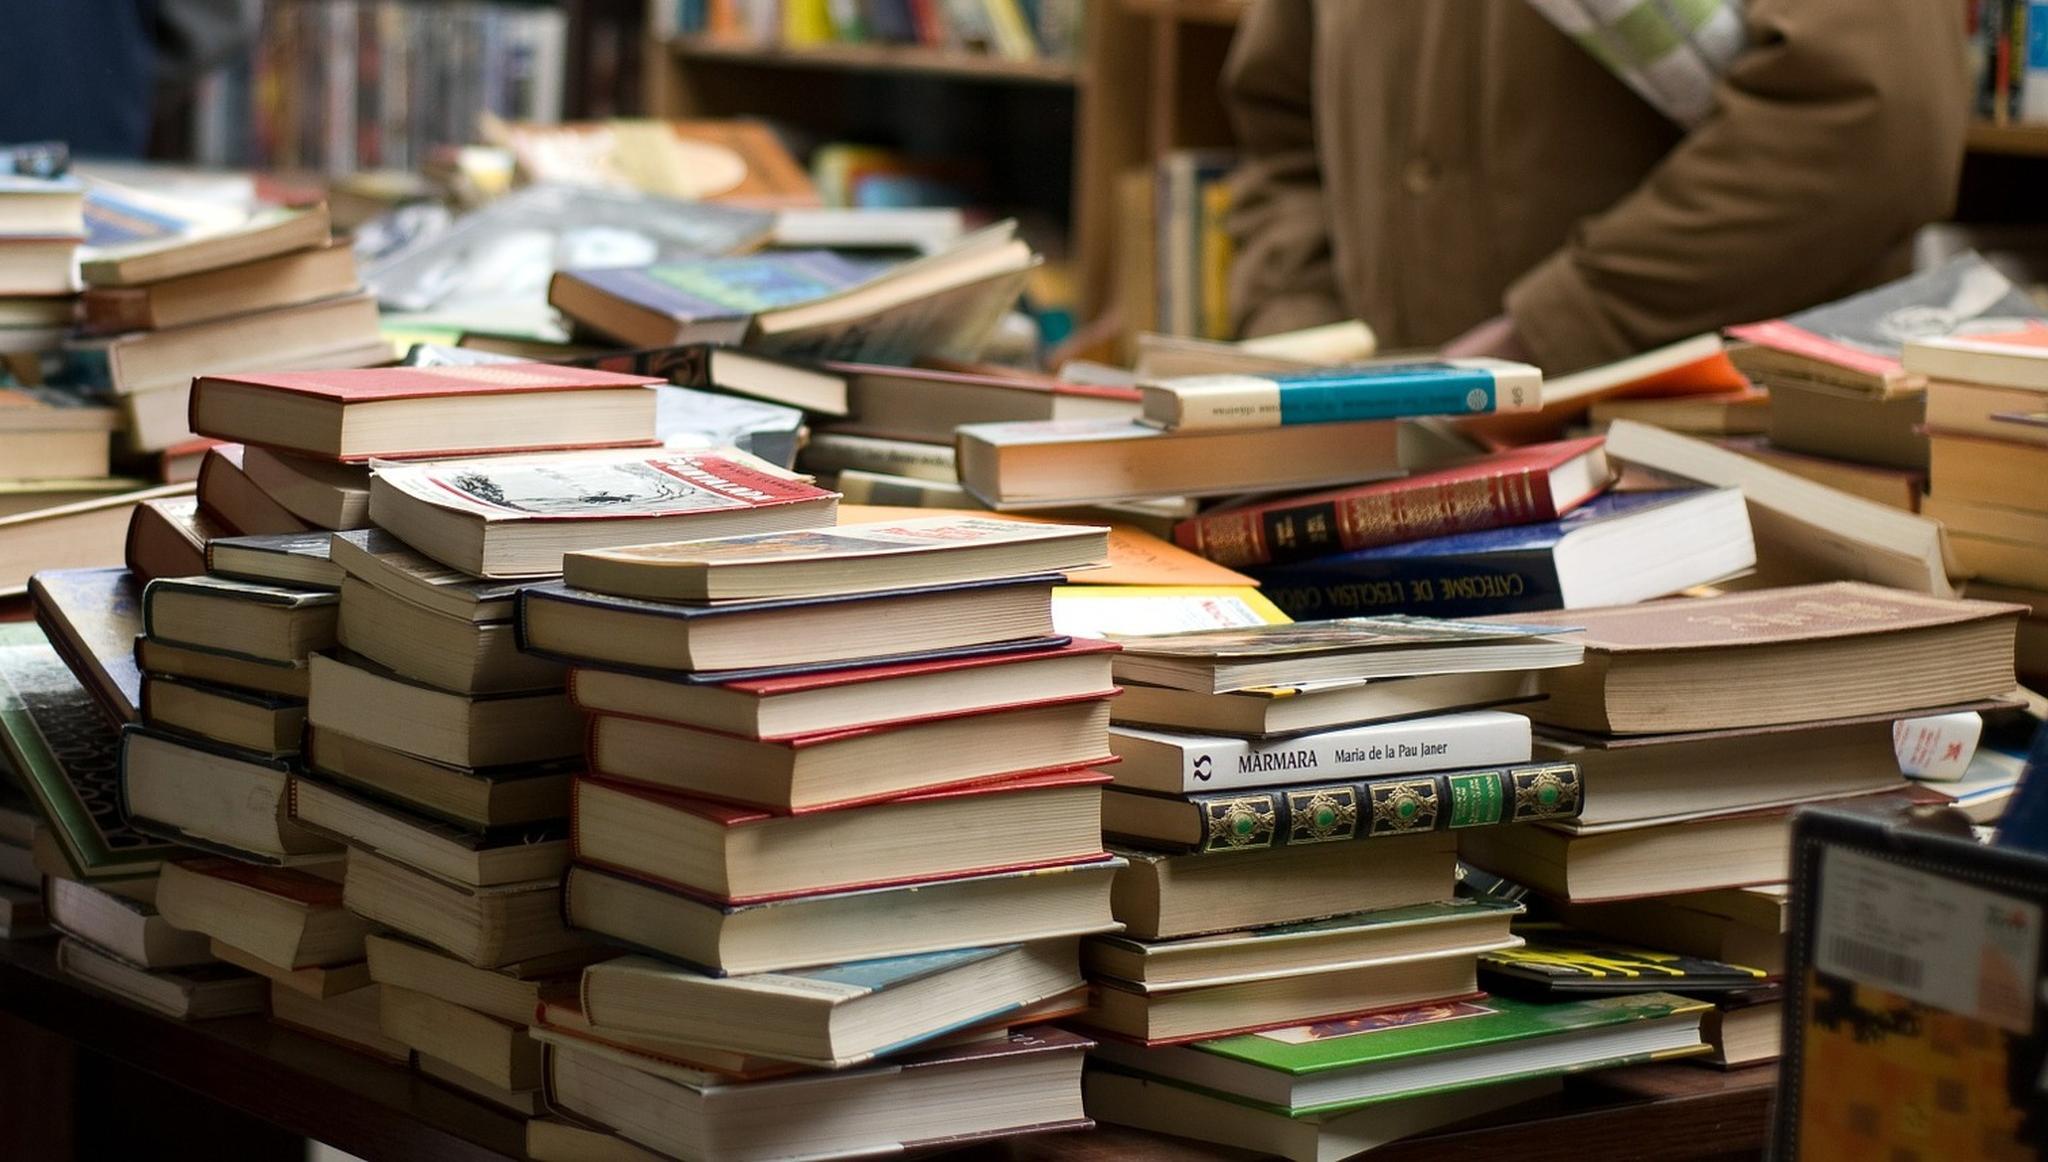 Жителей Твери приглашают на глобальную распродажу книг по рублю - новости Афанасий